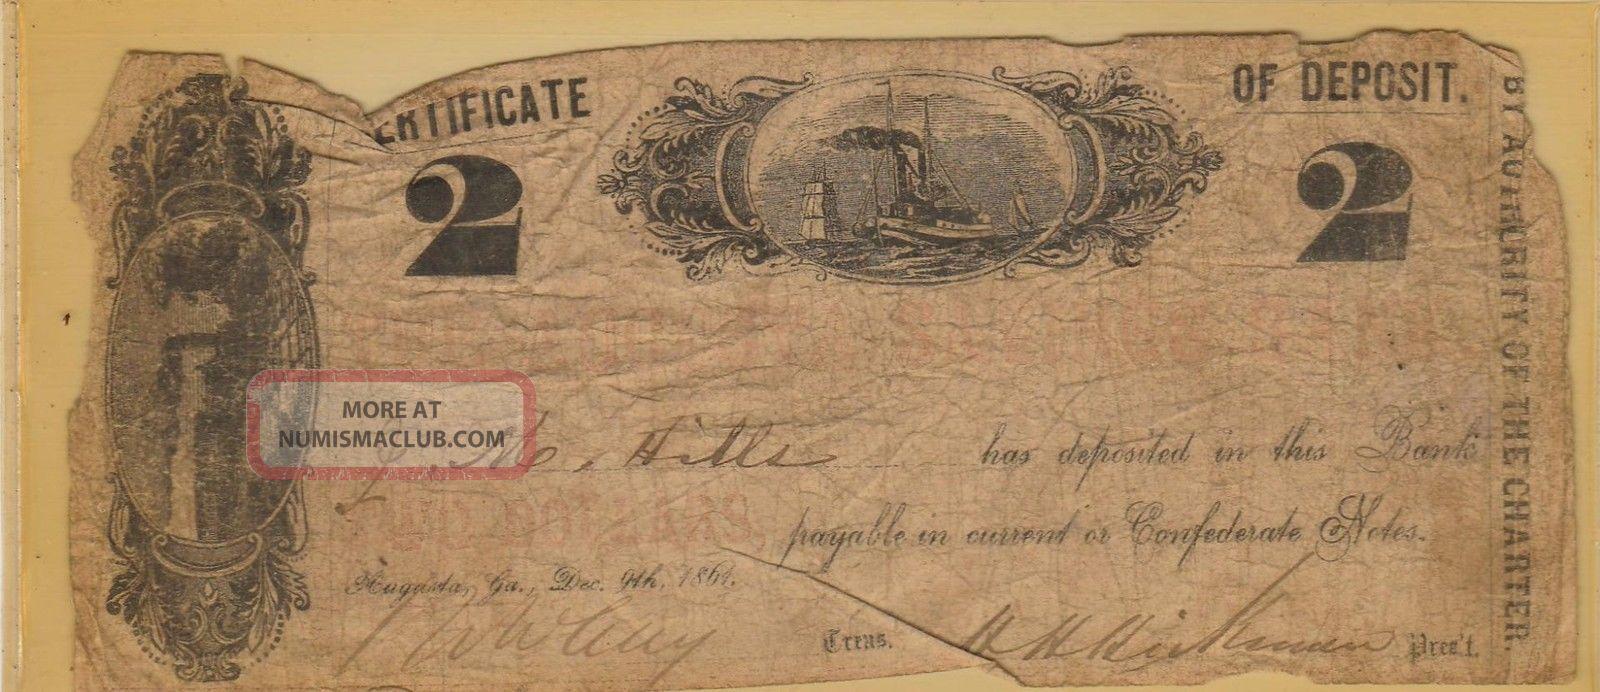 1861 The Augusta Savings Bank Certificate Of Deposit (2 Dollars) : Civil War Era World photo